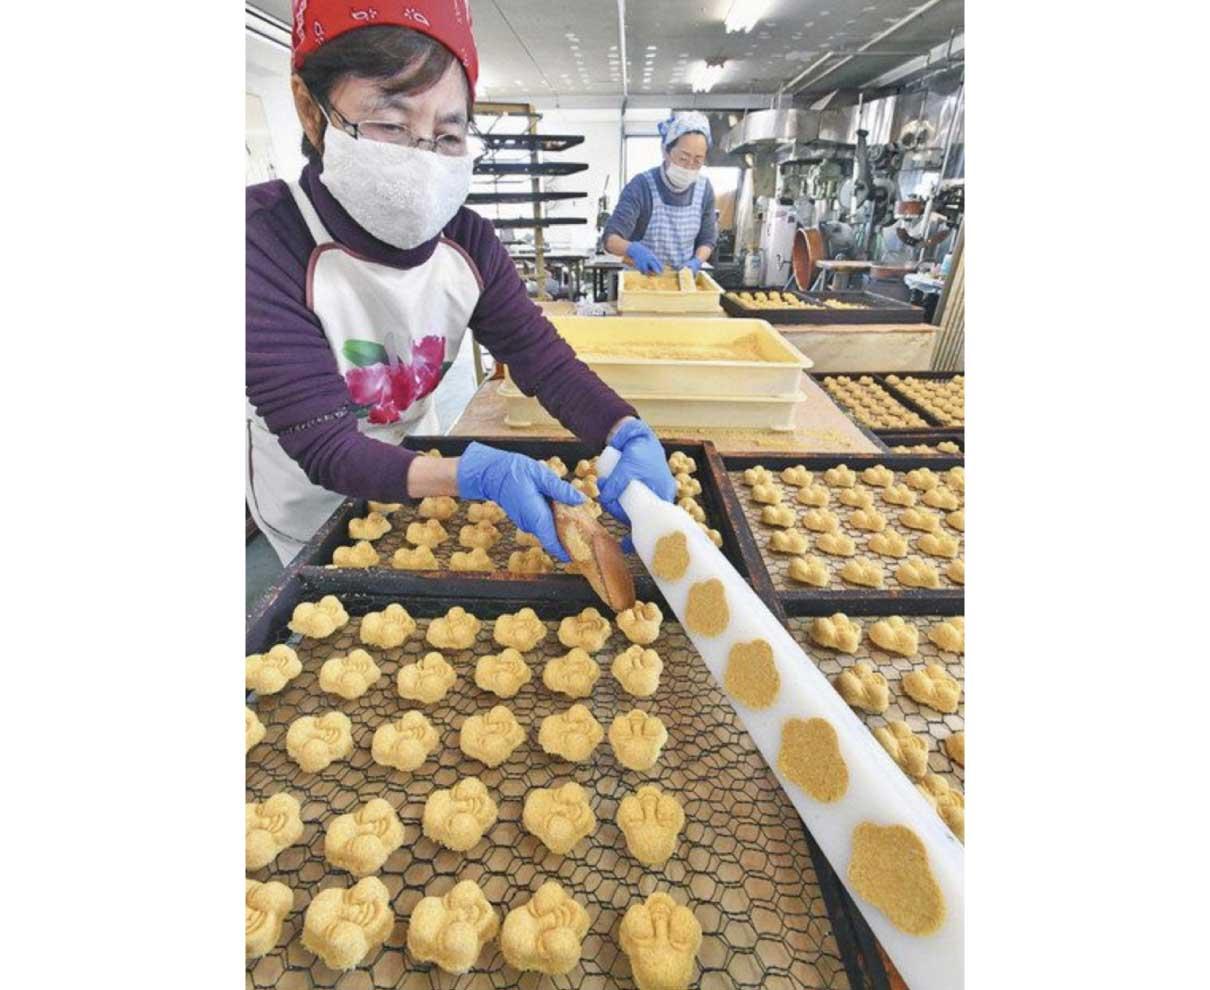 福呼ぶ豆らくがん次々と 敦賀で製造最盛期